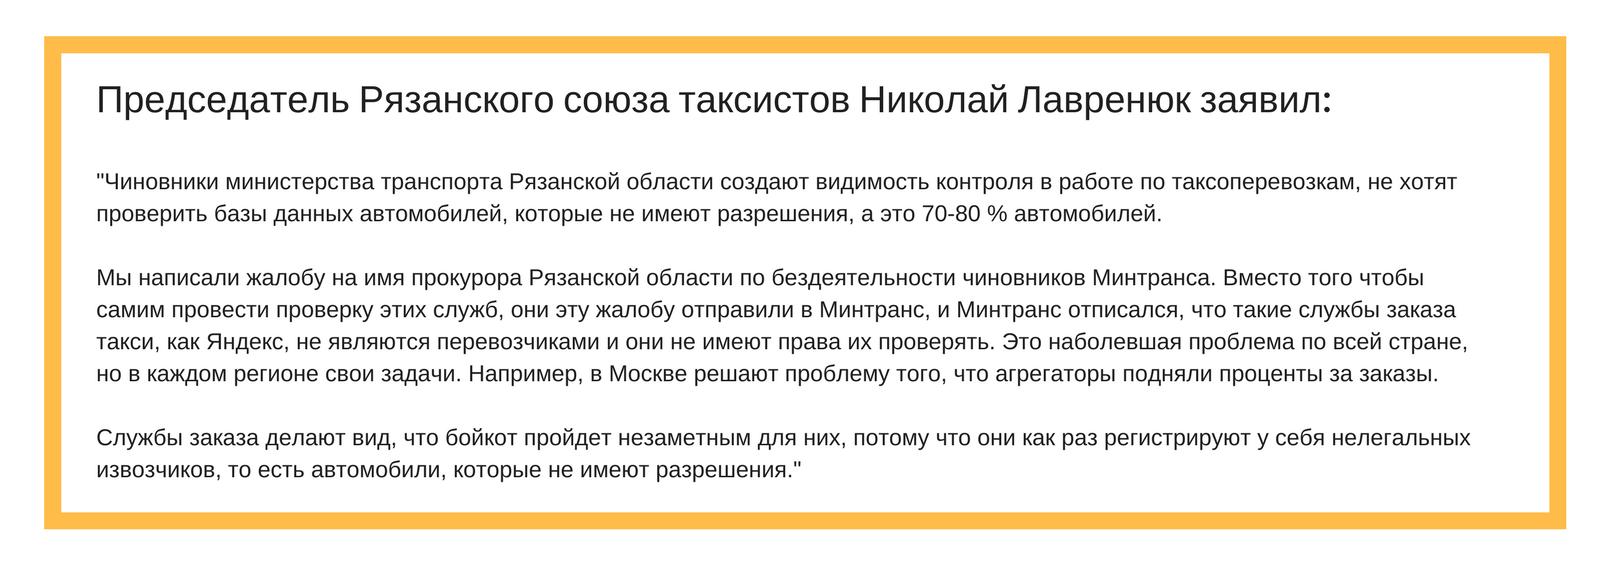 Николай Лавренюк Союз таксистов